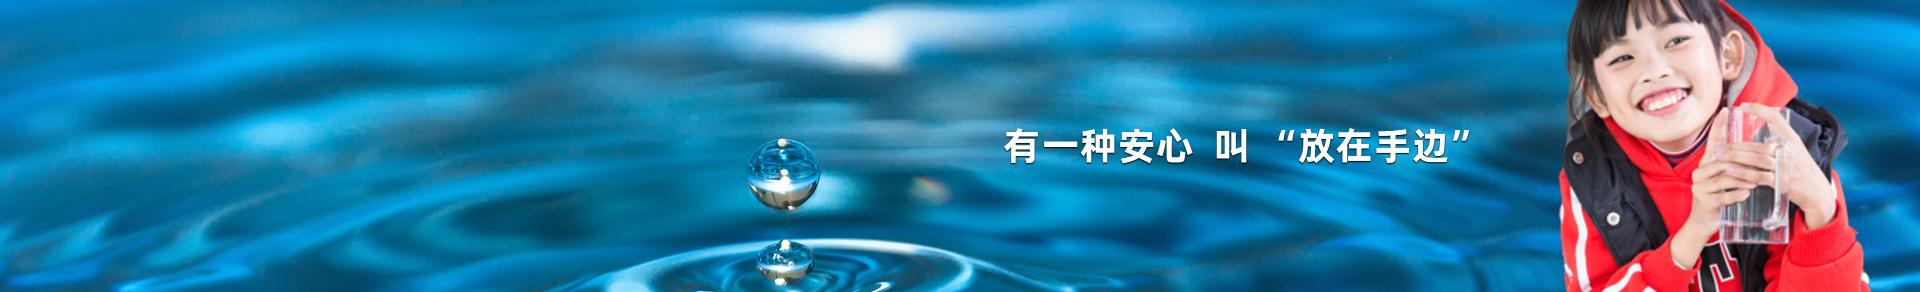 太仓百川水处理设备有限公司